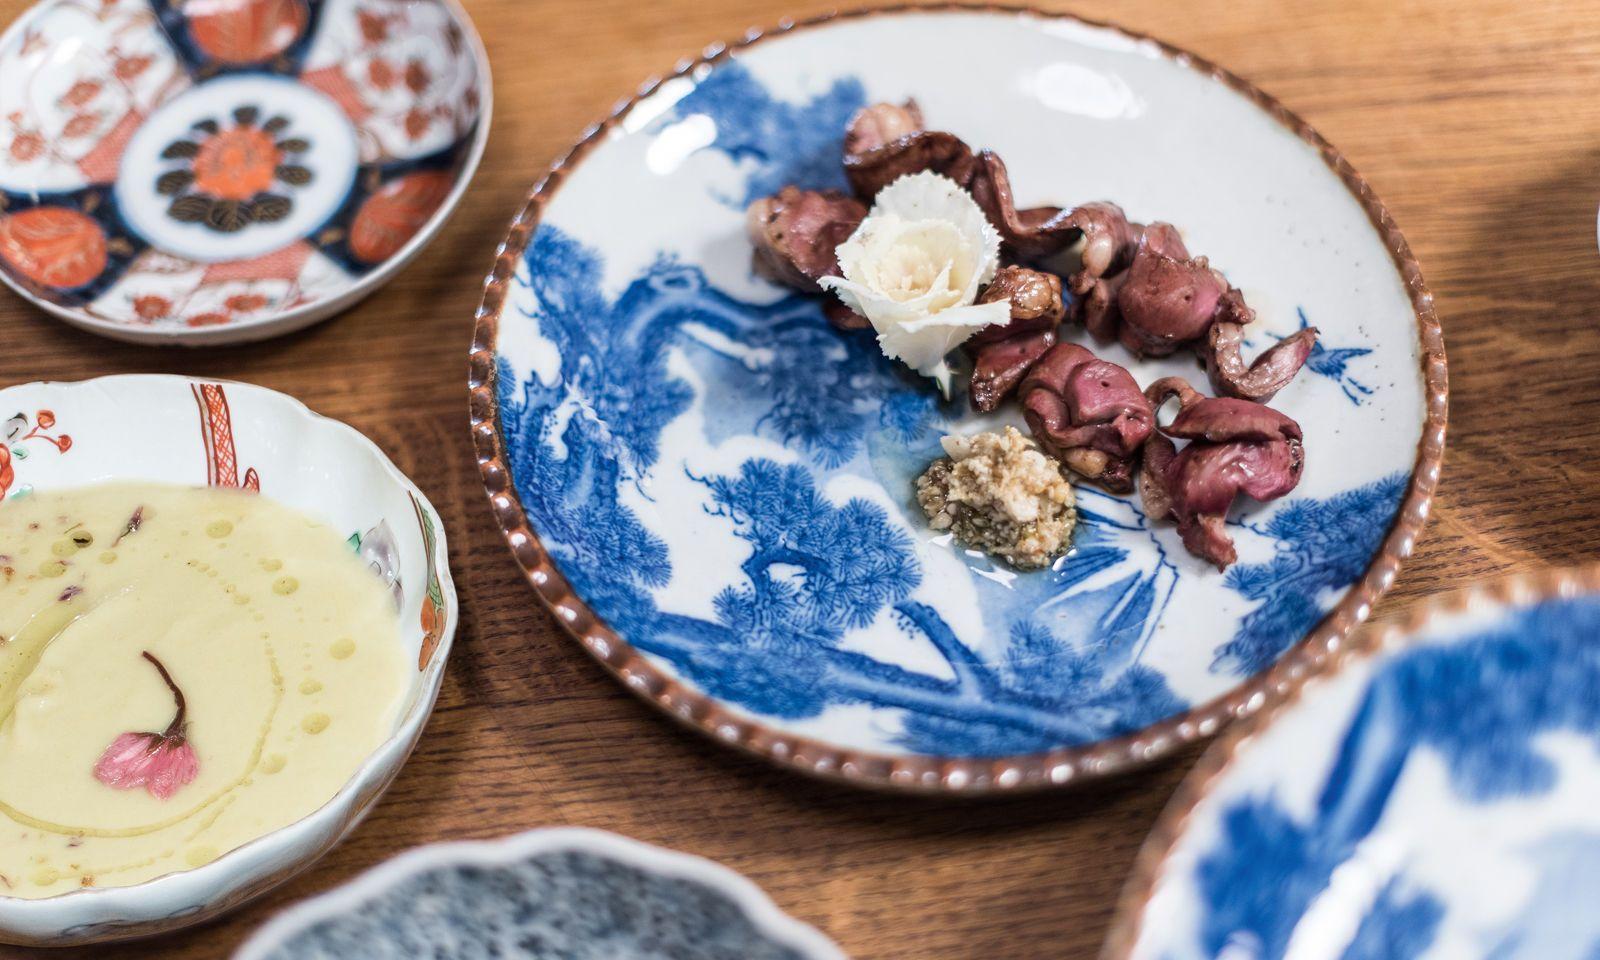 Souvenirs. Gegrilltes Lammherz mit Hollerblütenpesto auf japanischem Vintagegeschirr.